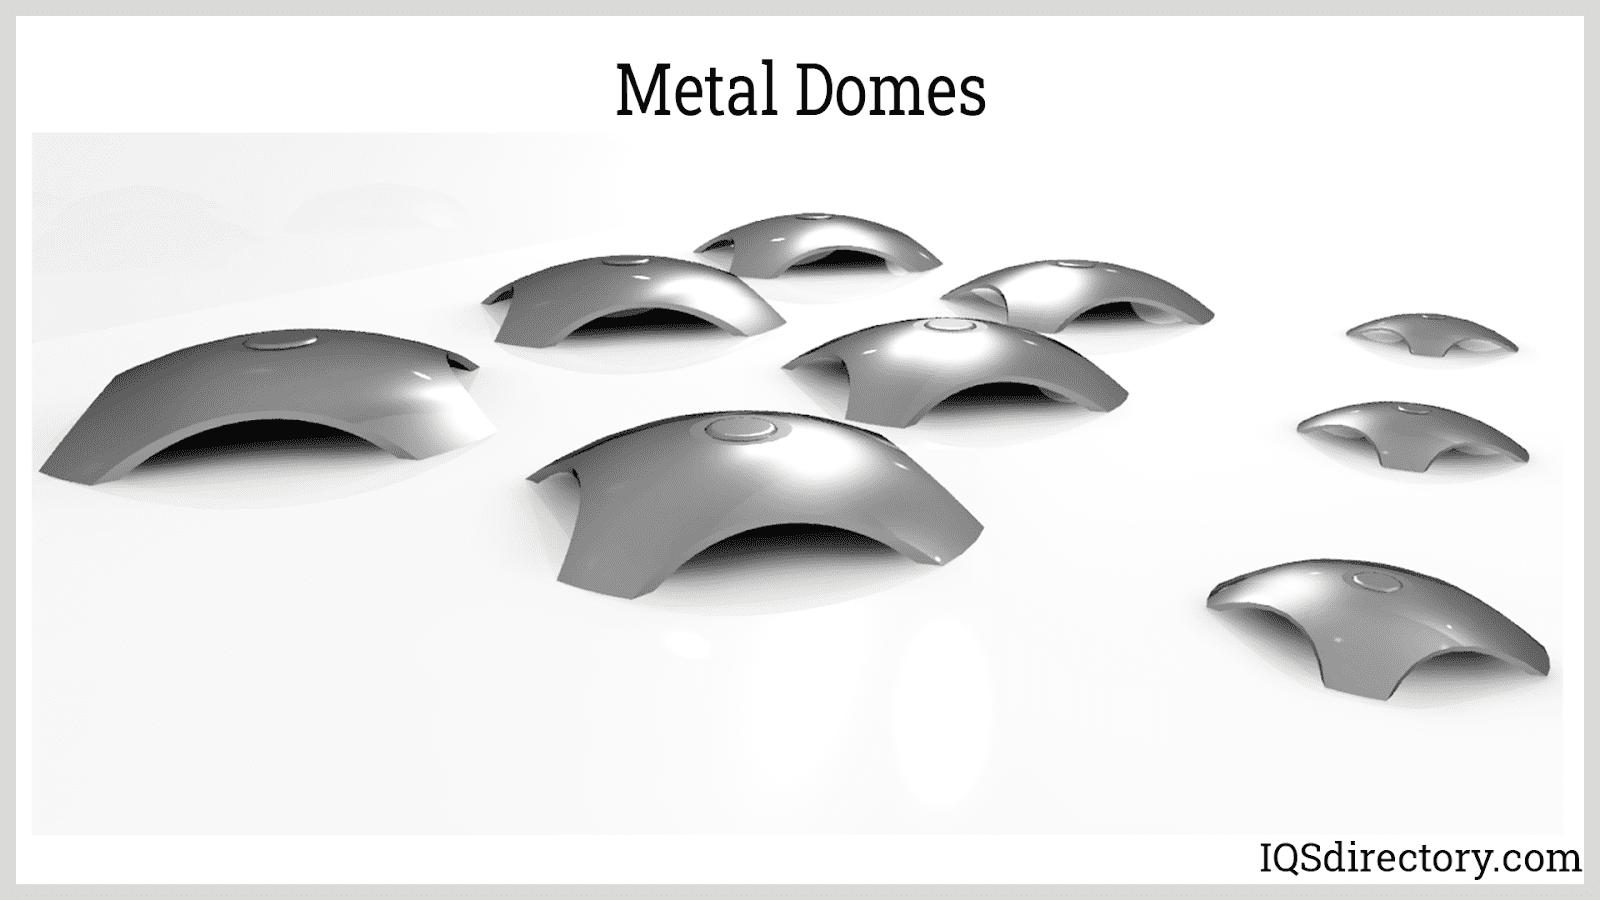 Metal Domes